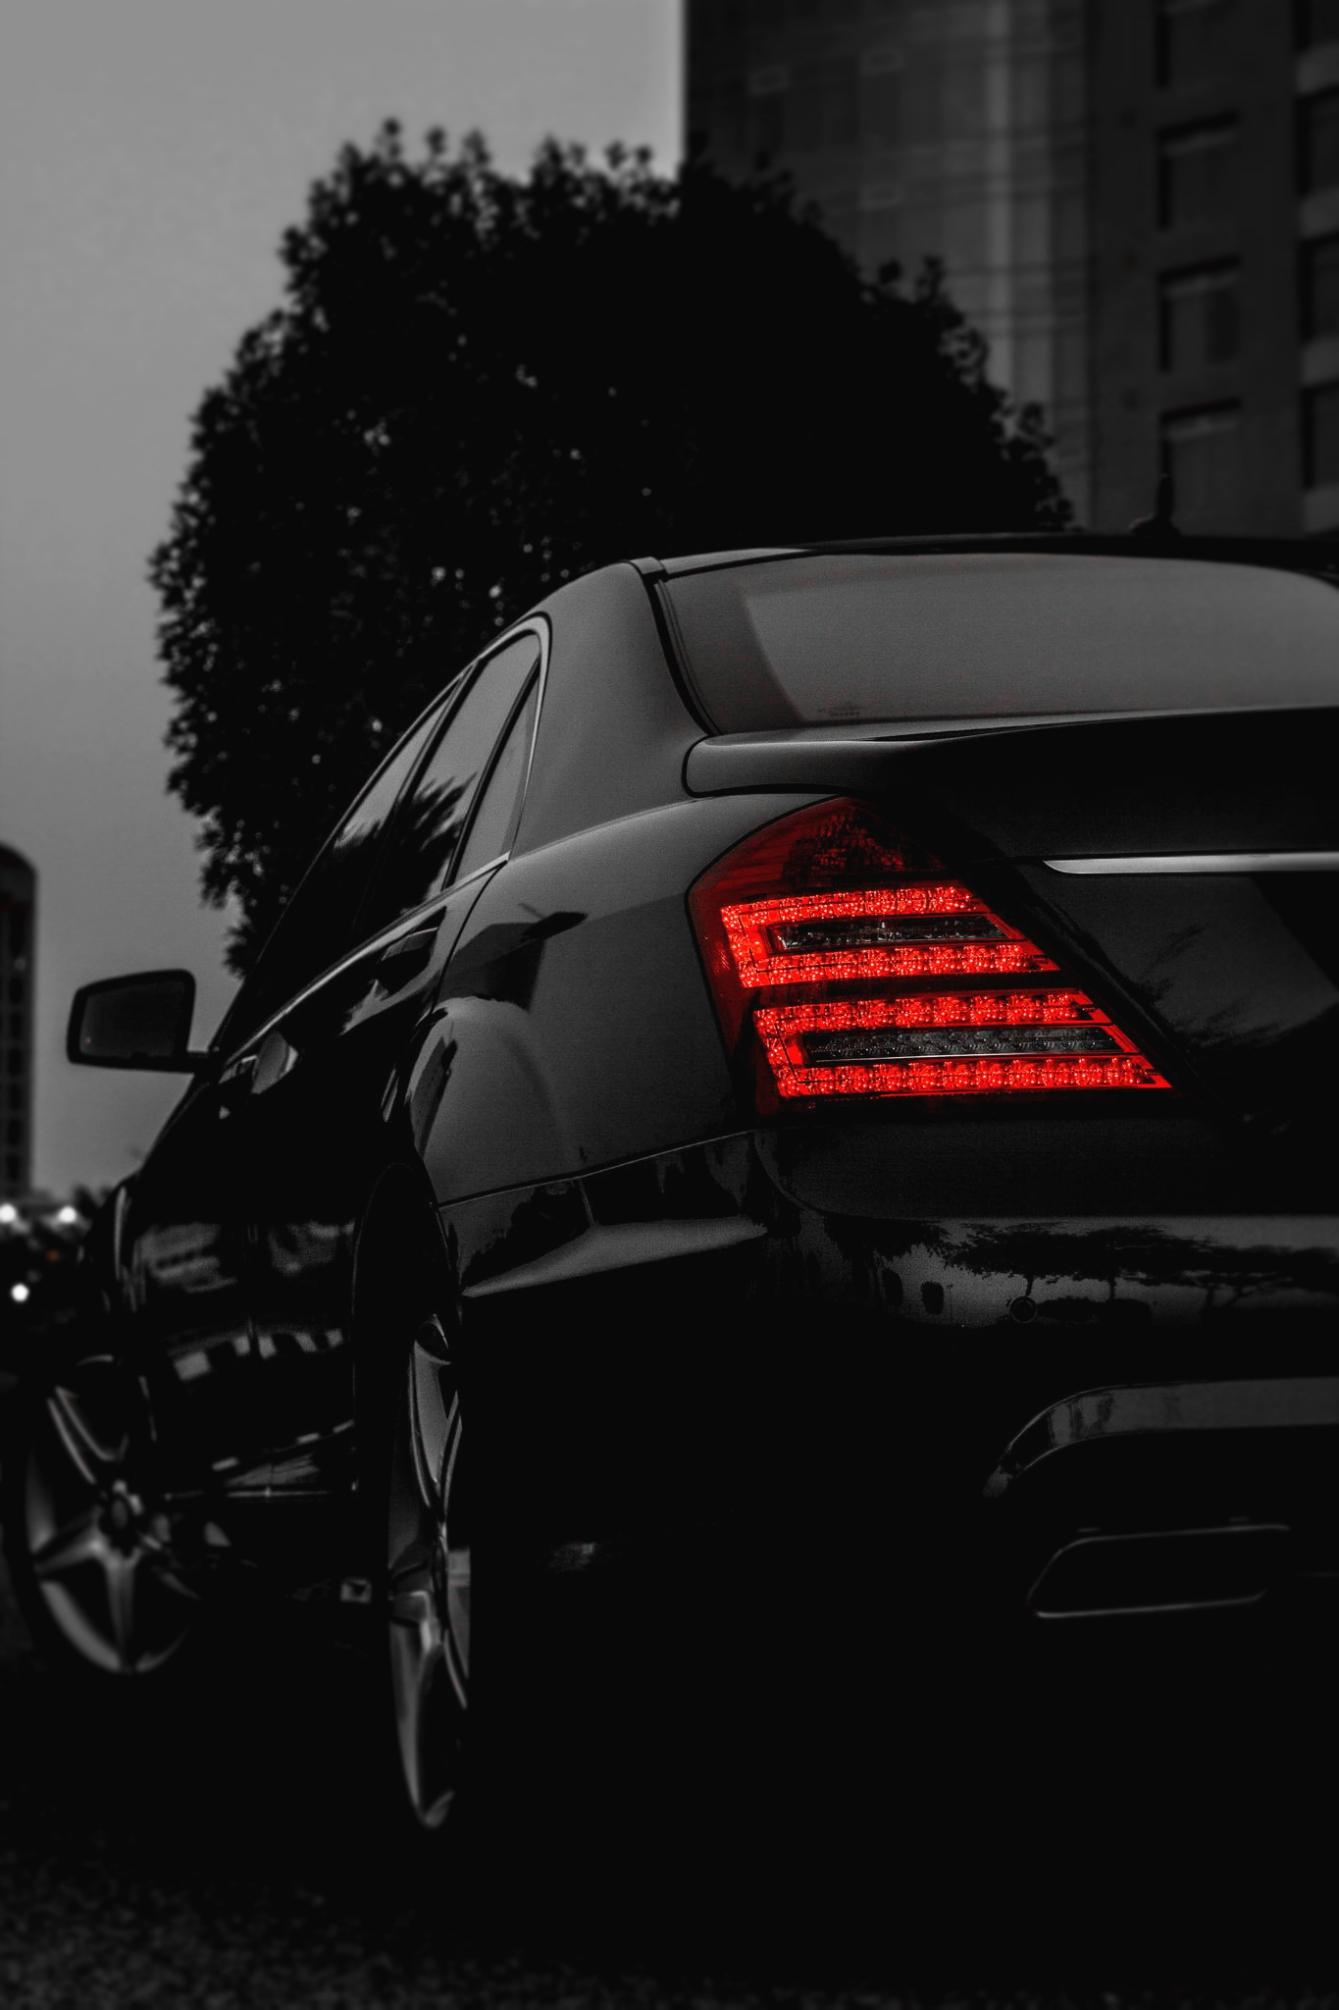 Luxurious Benz